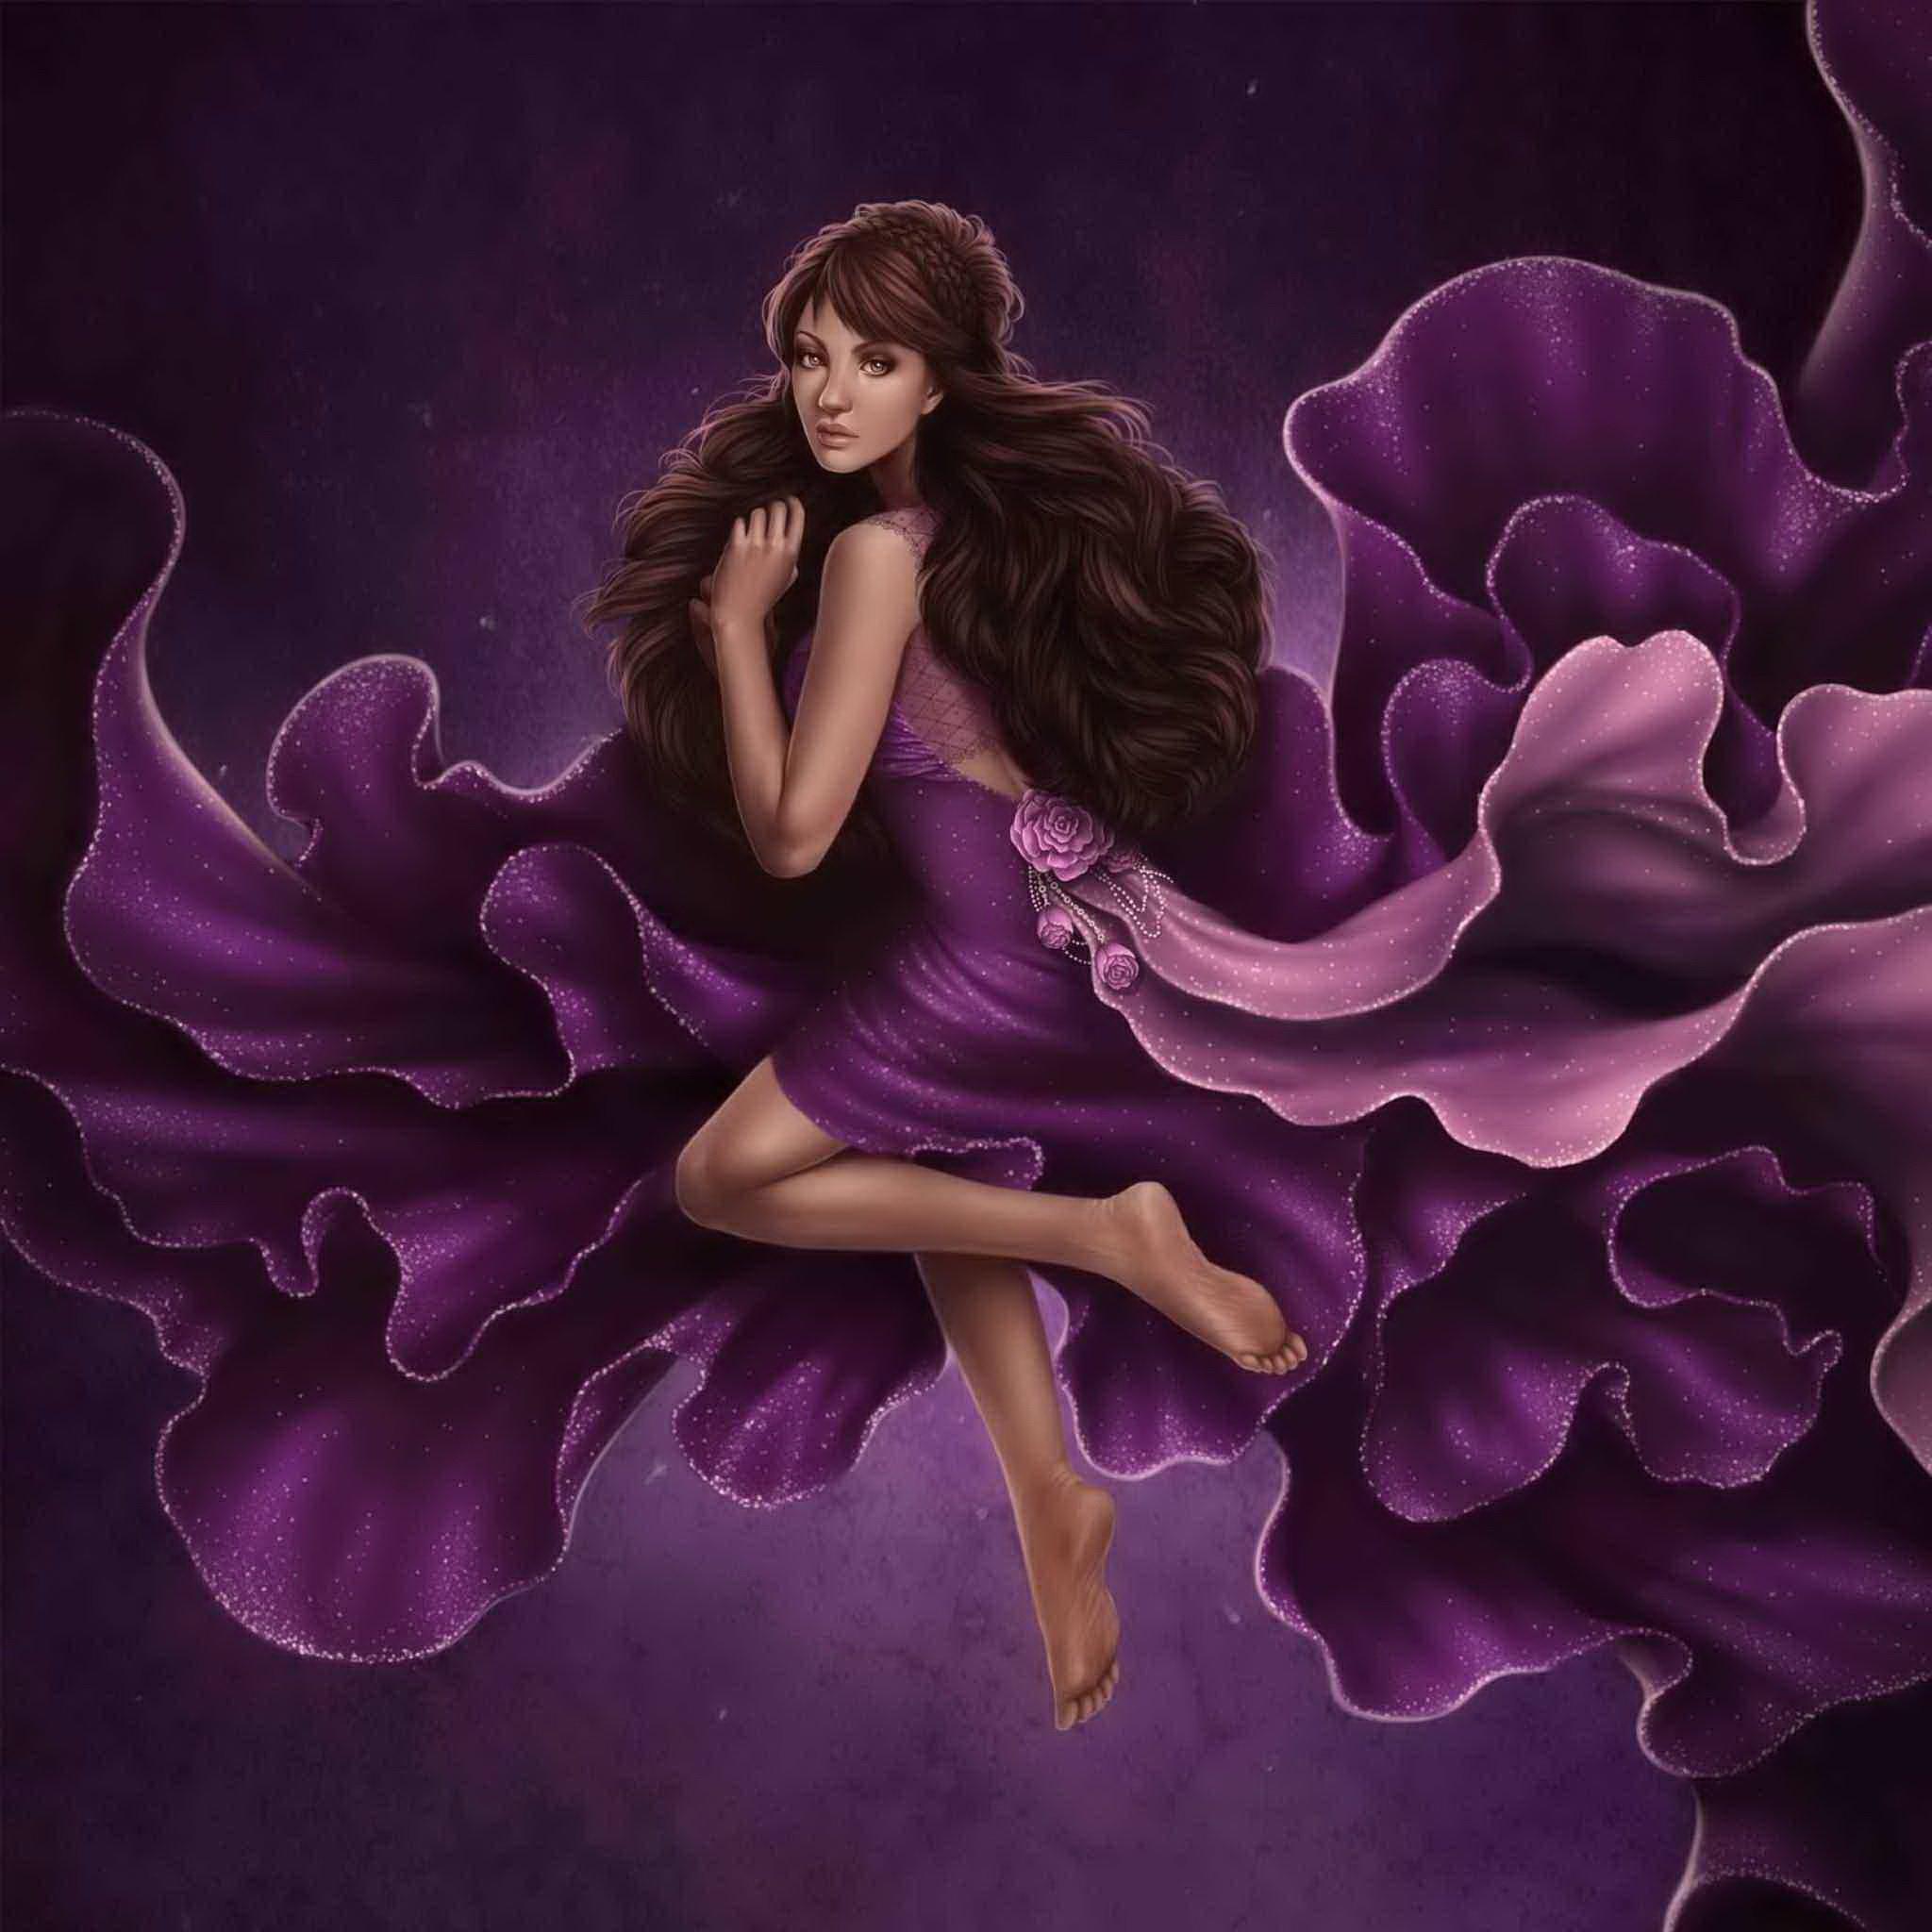 紫色震撼风景卡通